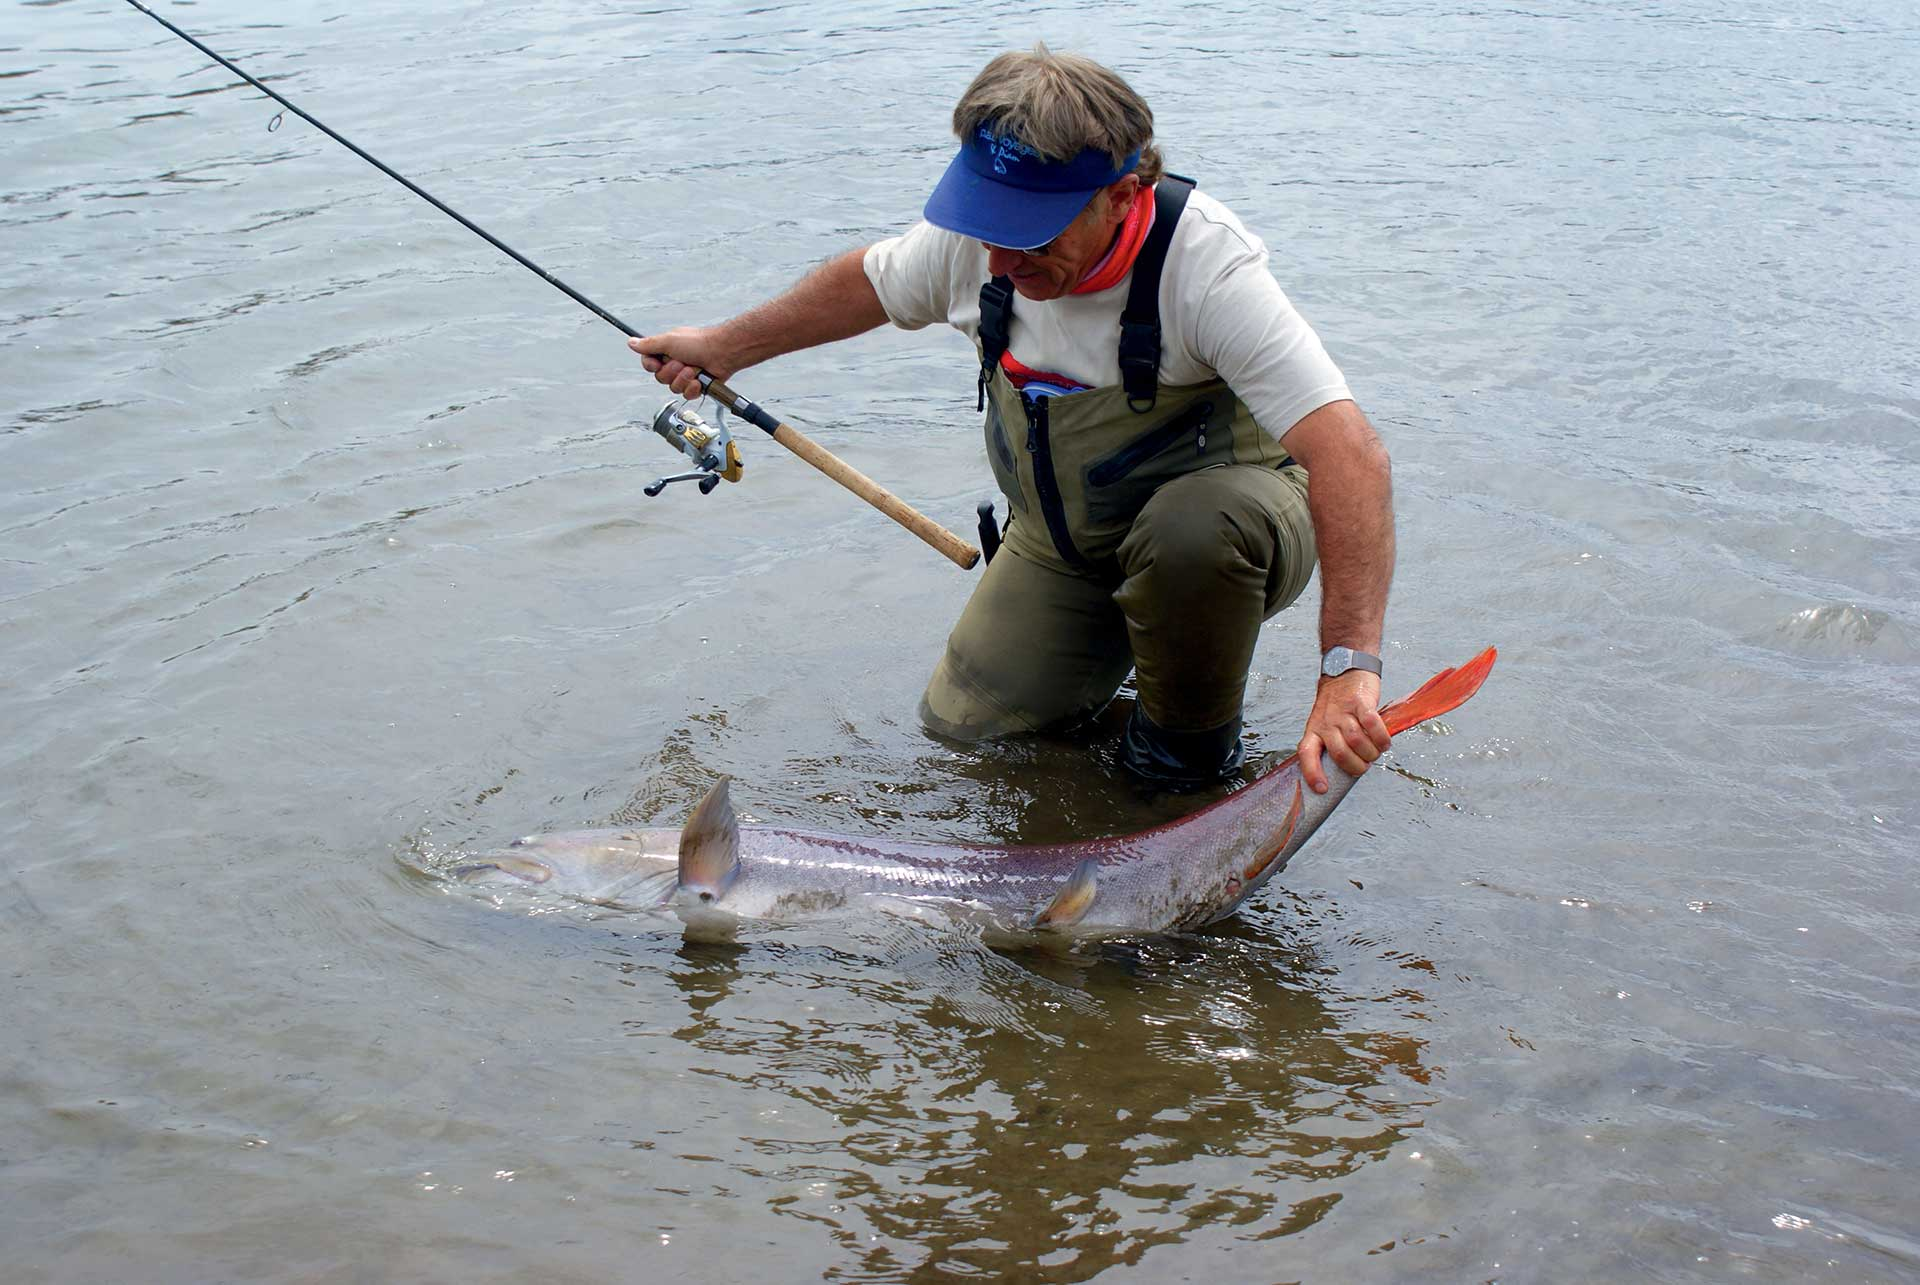 Mongolie Tsaatan Gal Pac Voyages de pêche